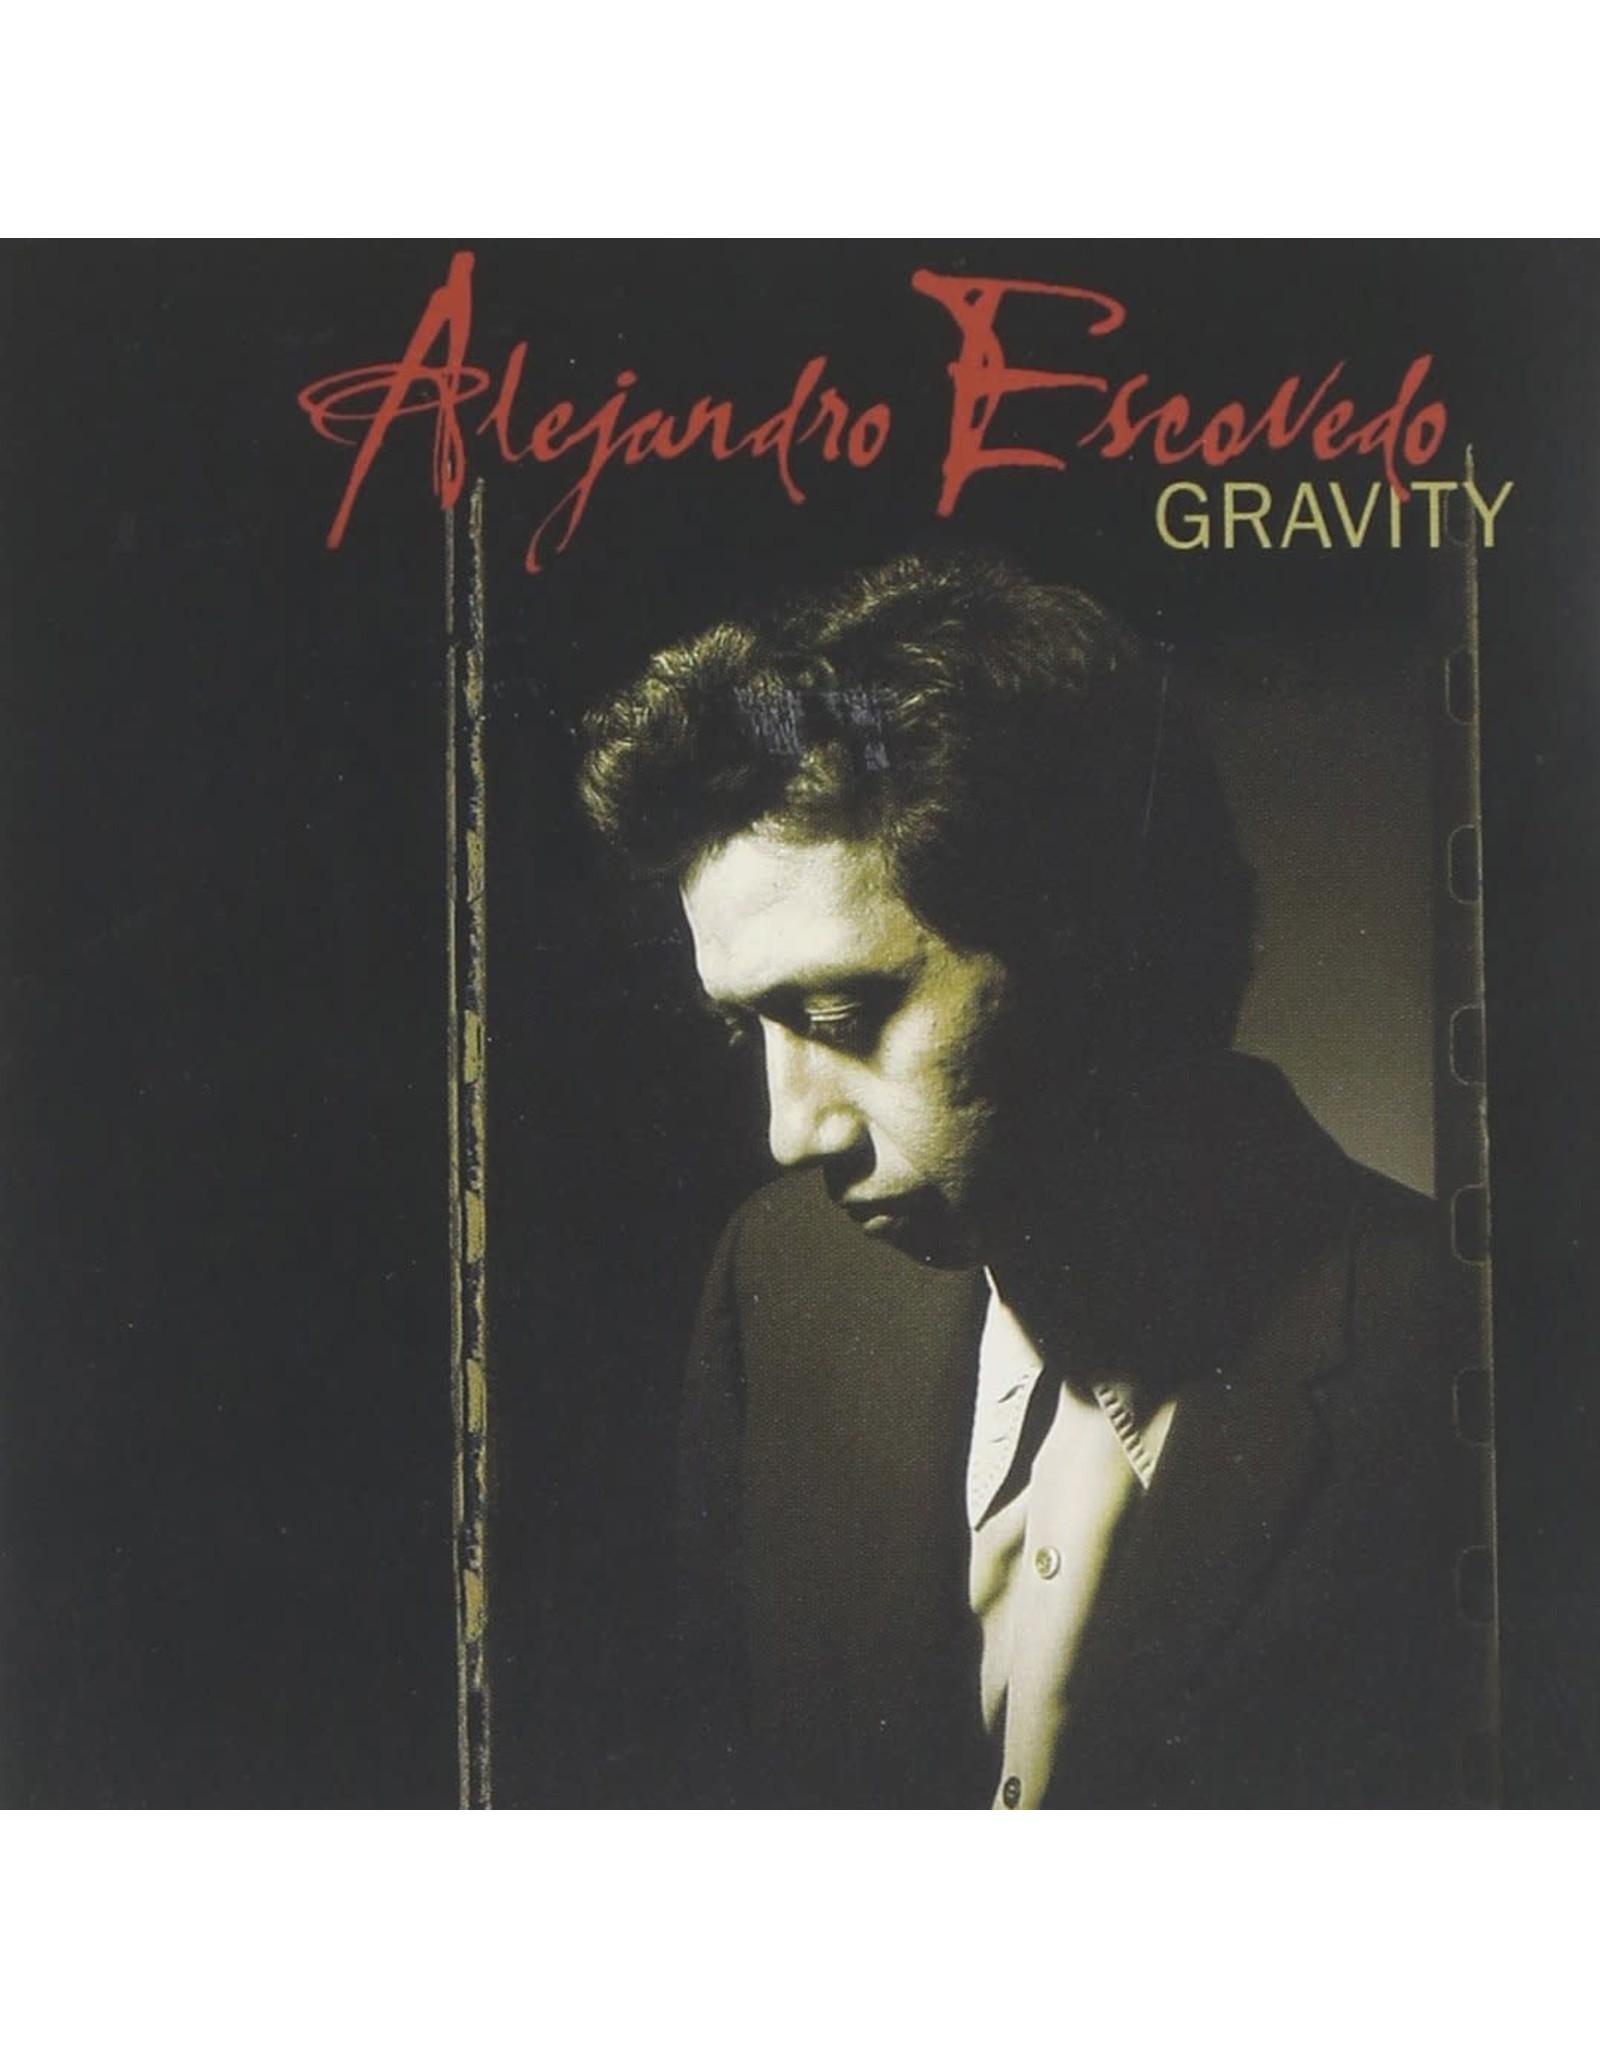 Escovedo, Alejandro - Gravity CD